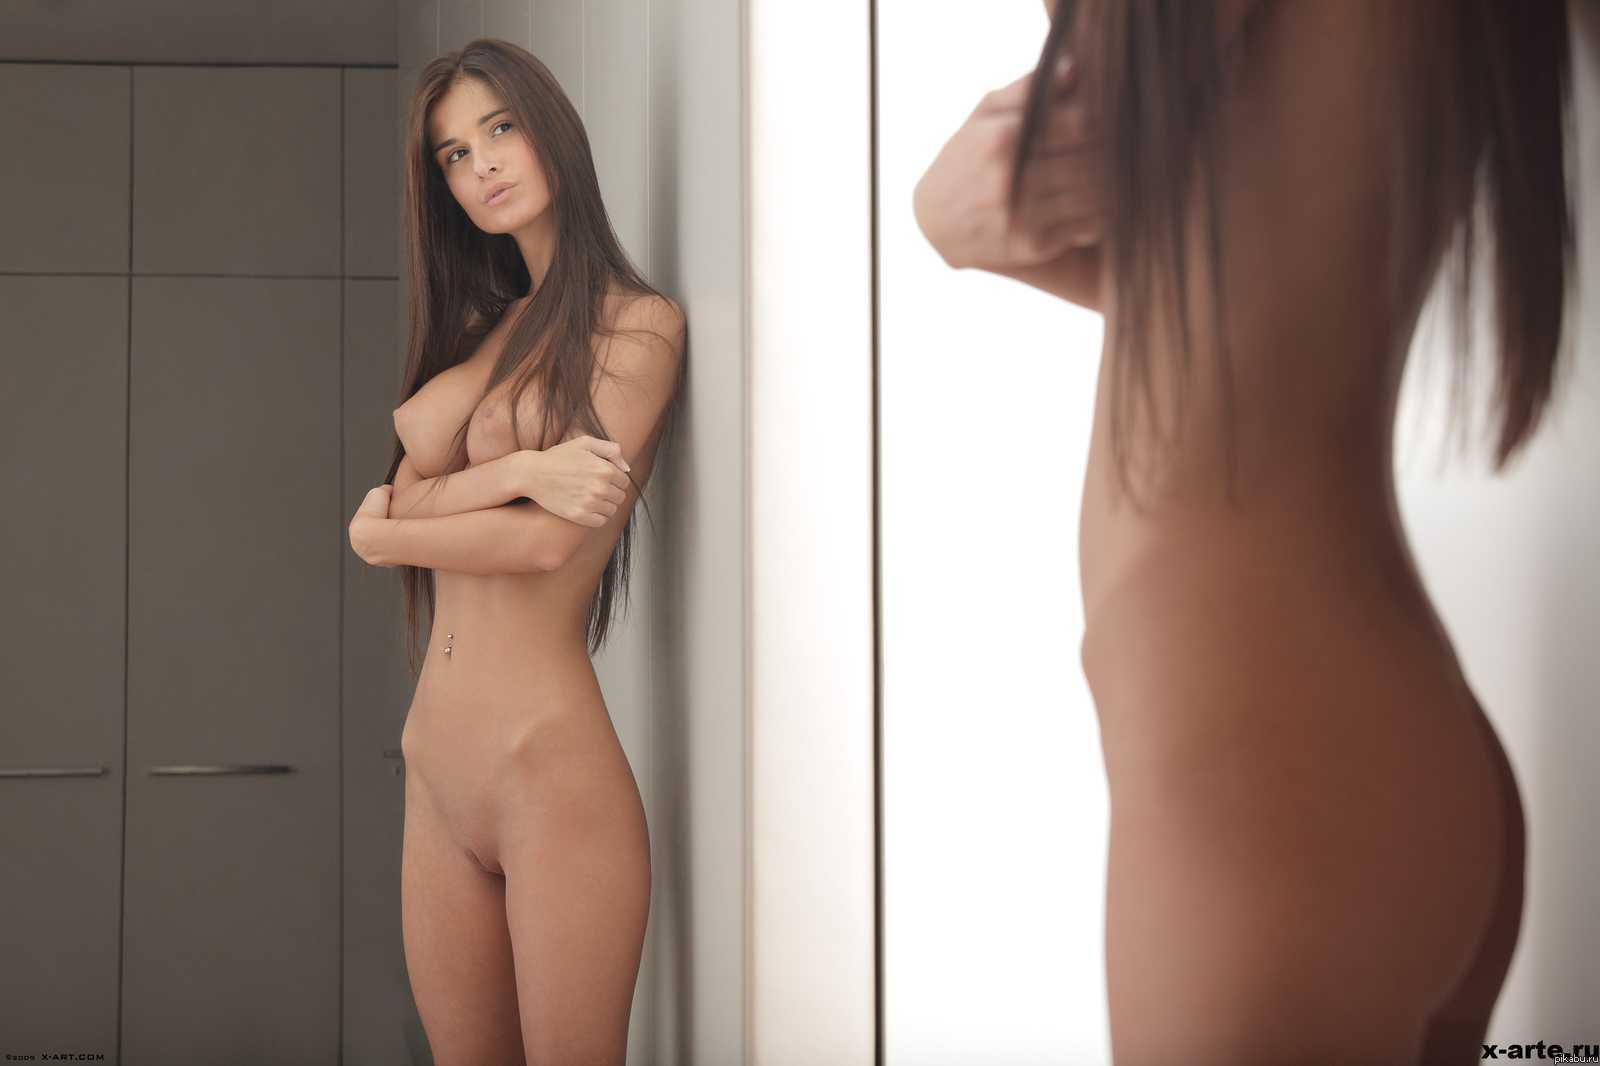 Фото красивые девушки артистка голые 27 фотография